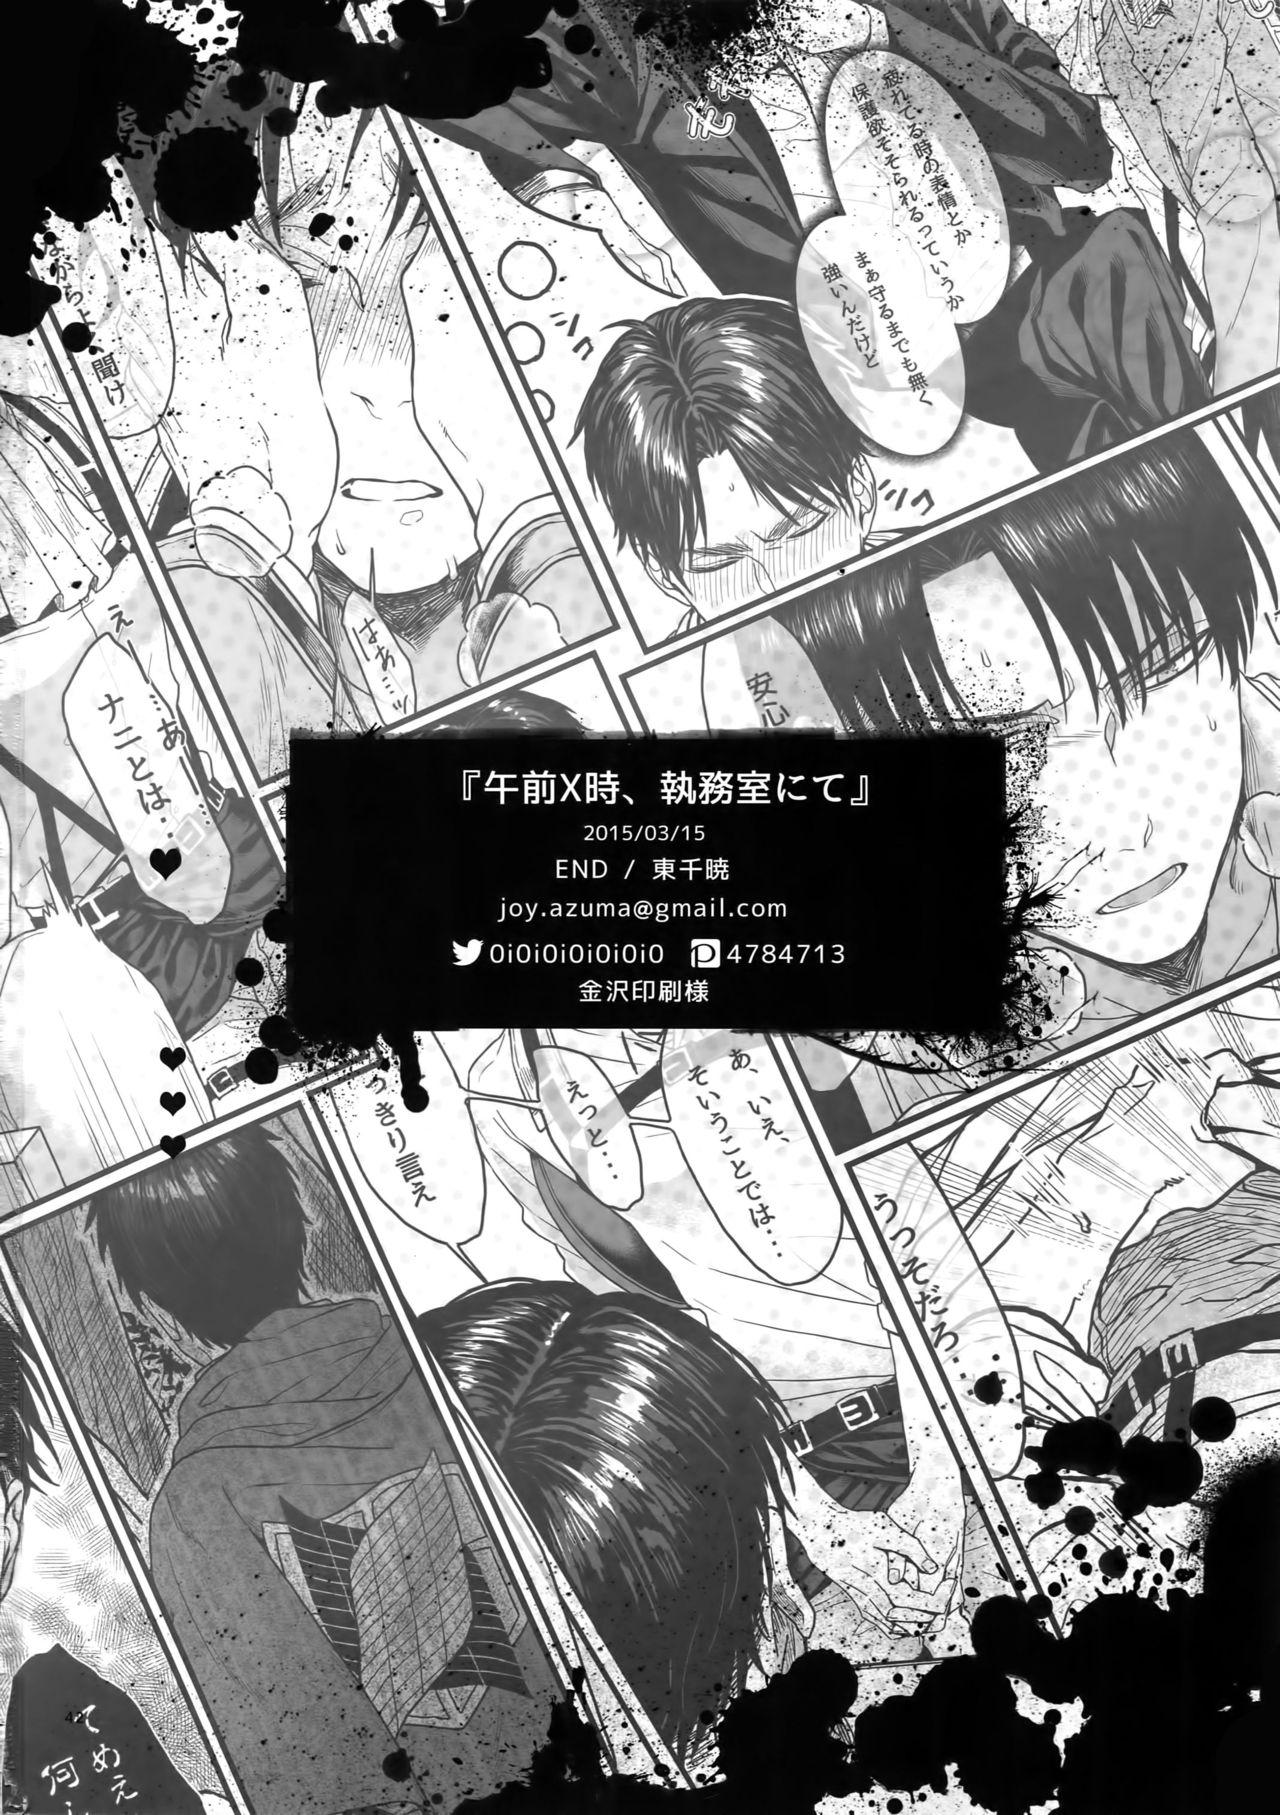 Gozen X-ji, Shitsumushitsu nite 40